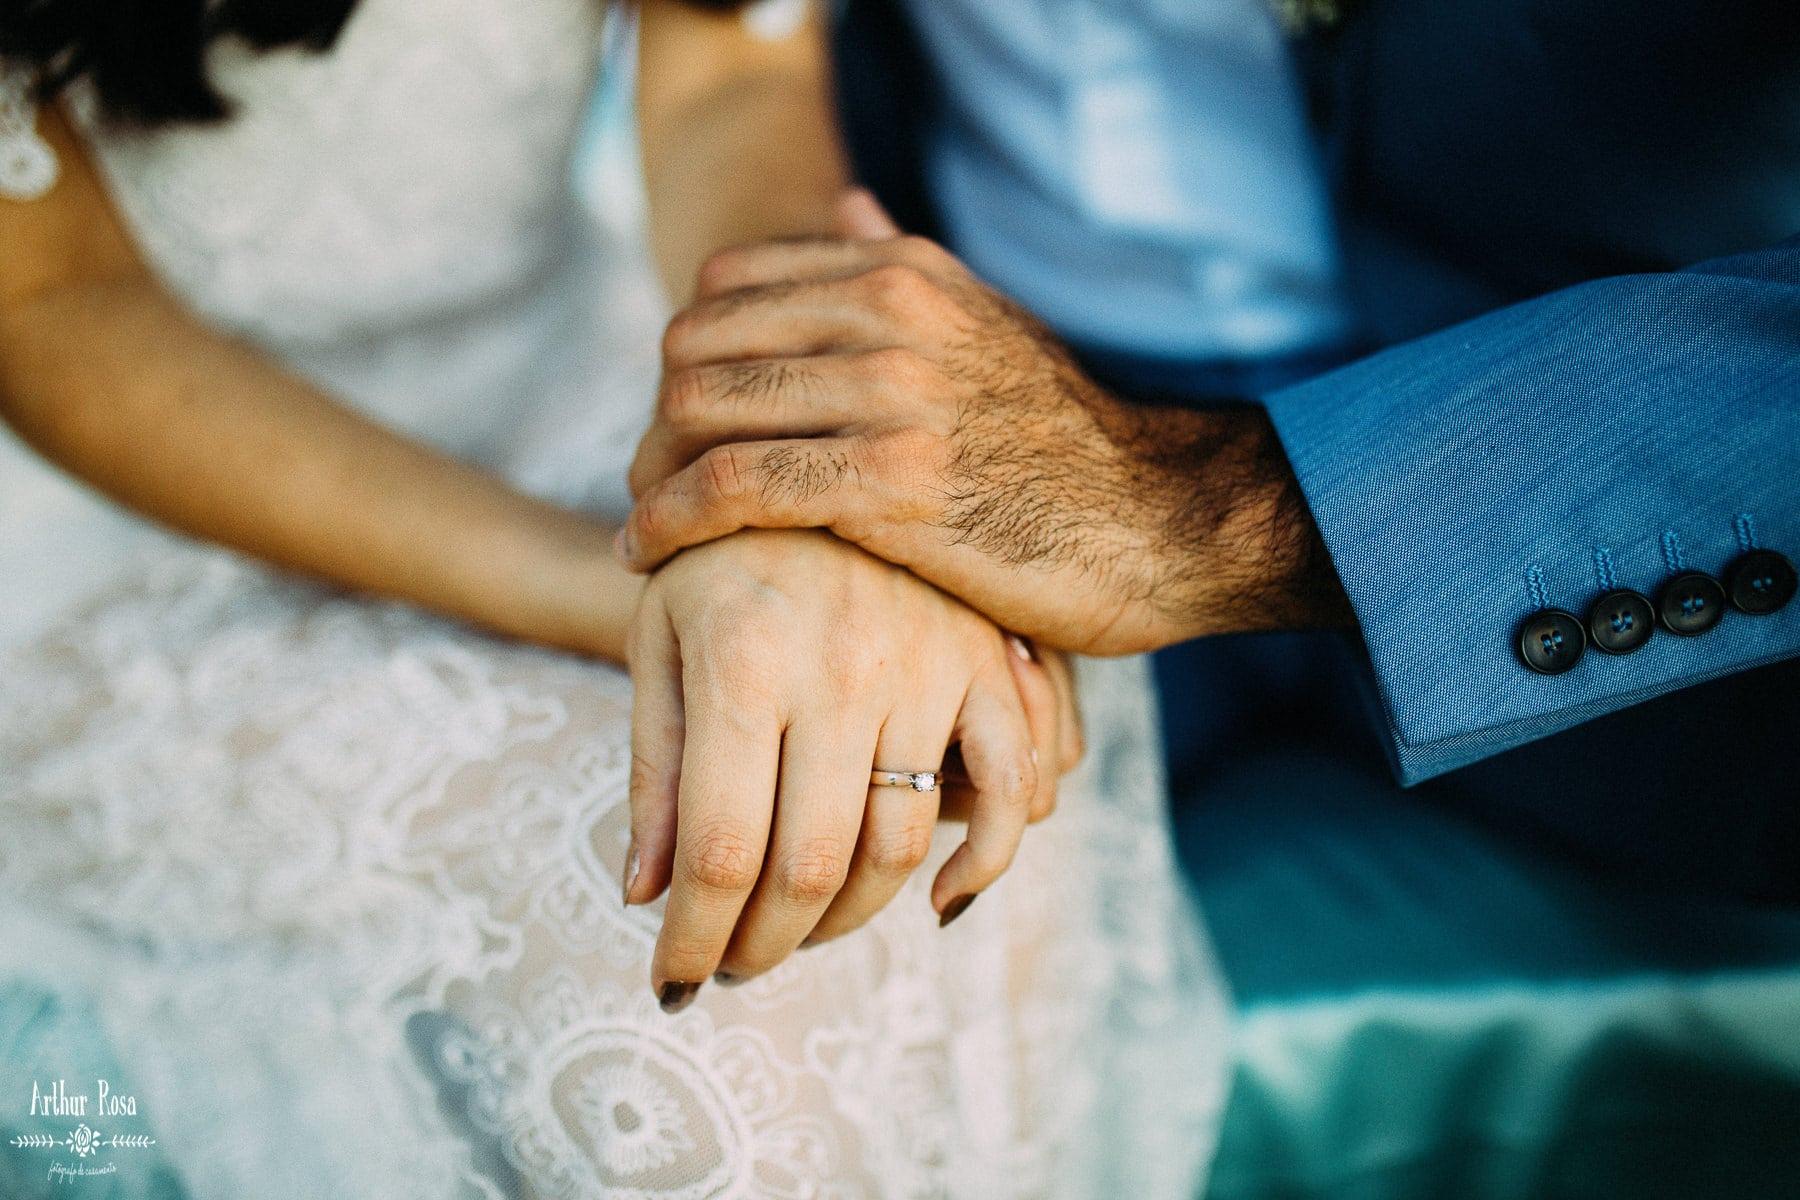 detalhes das mãos do casal